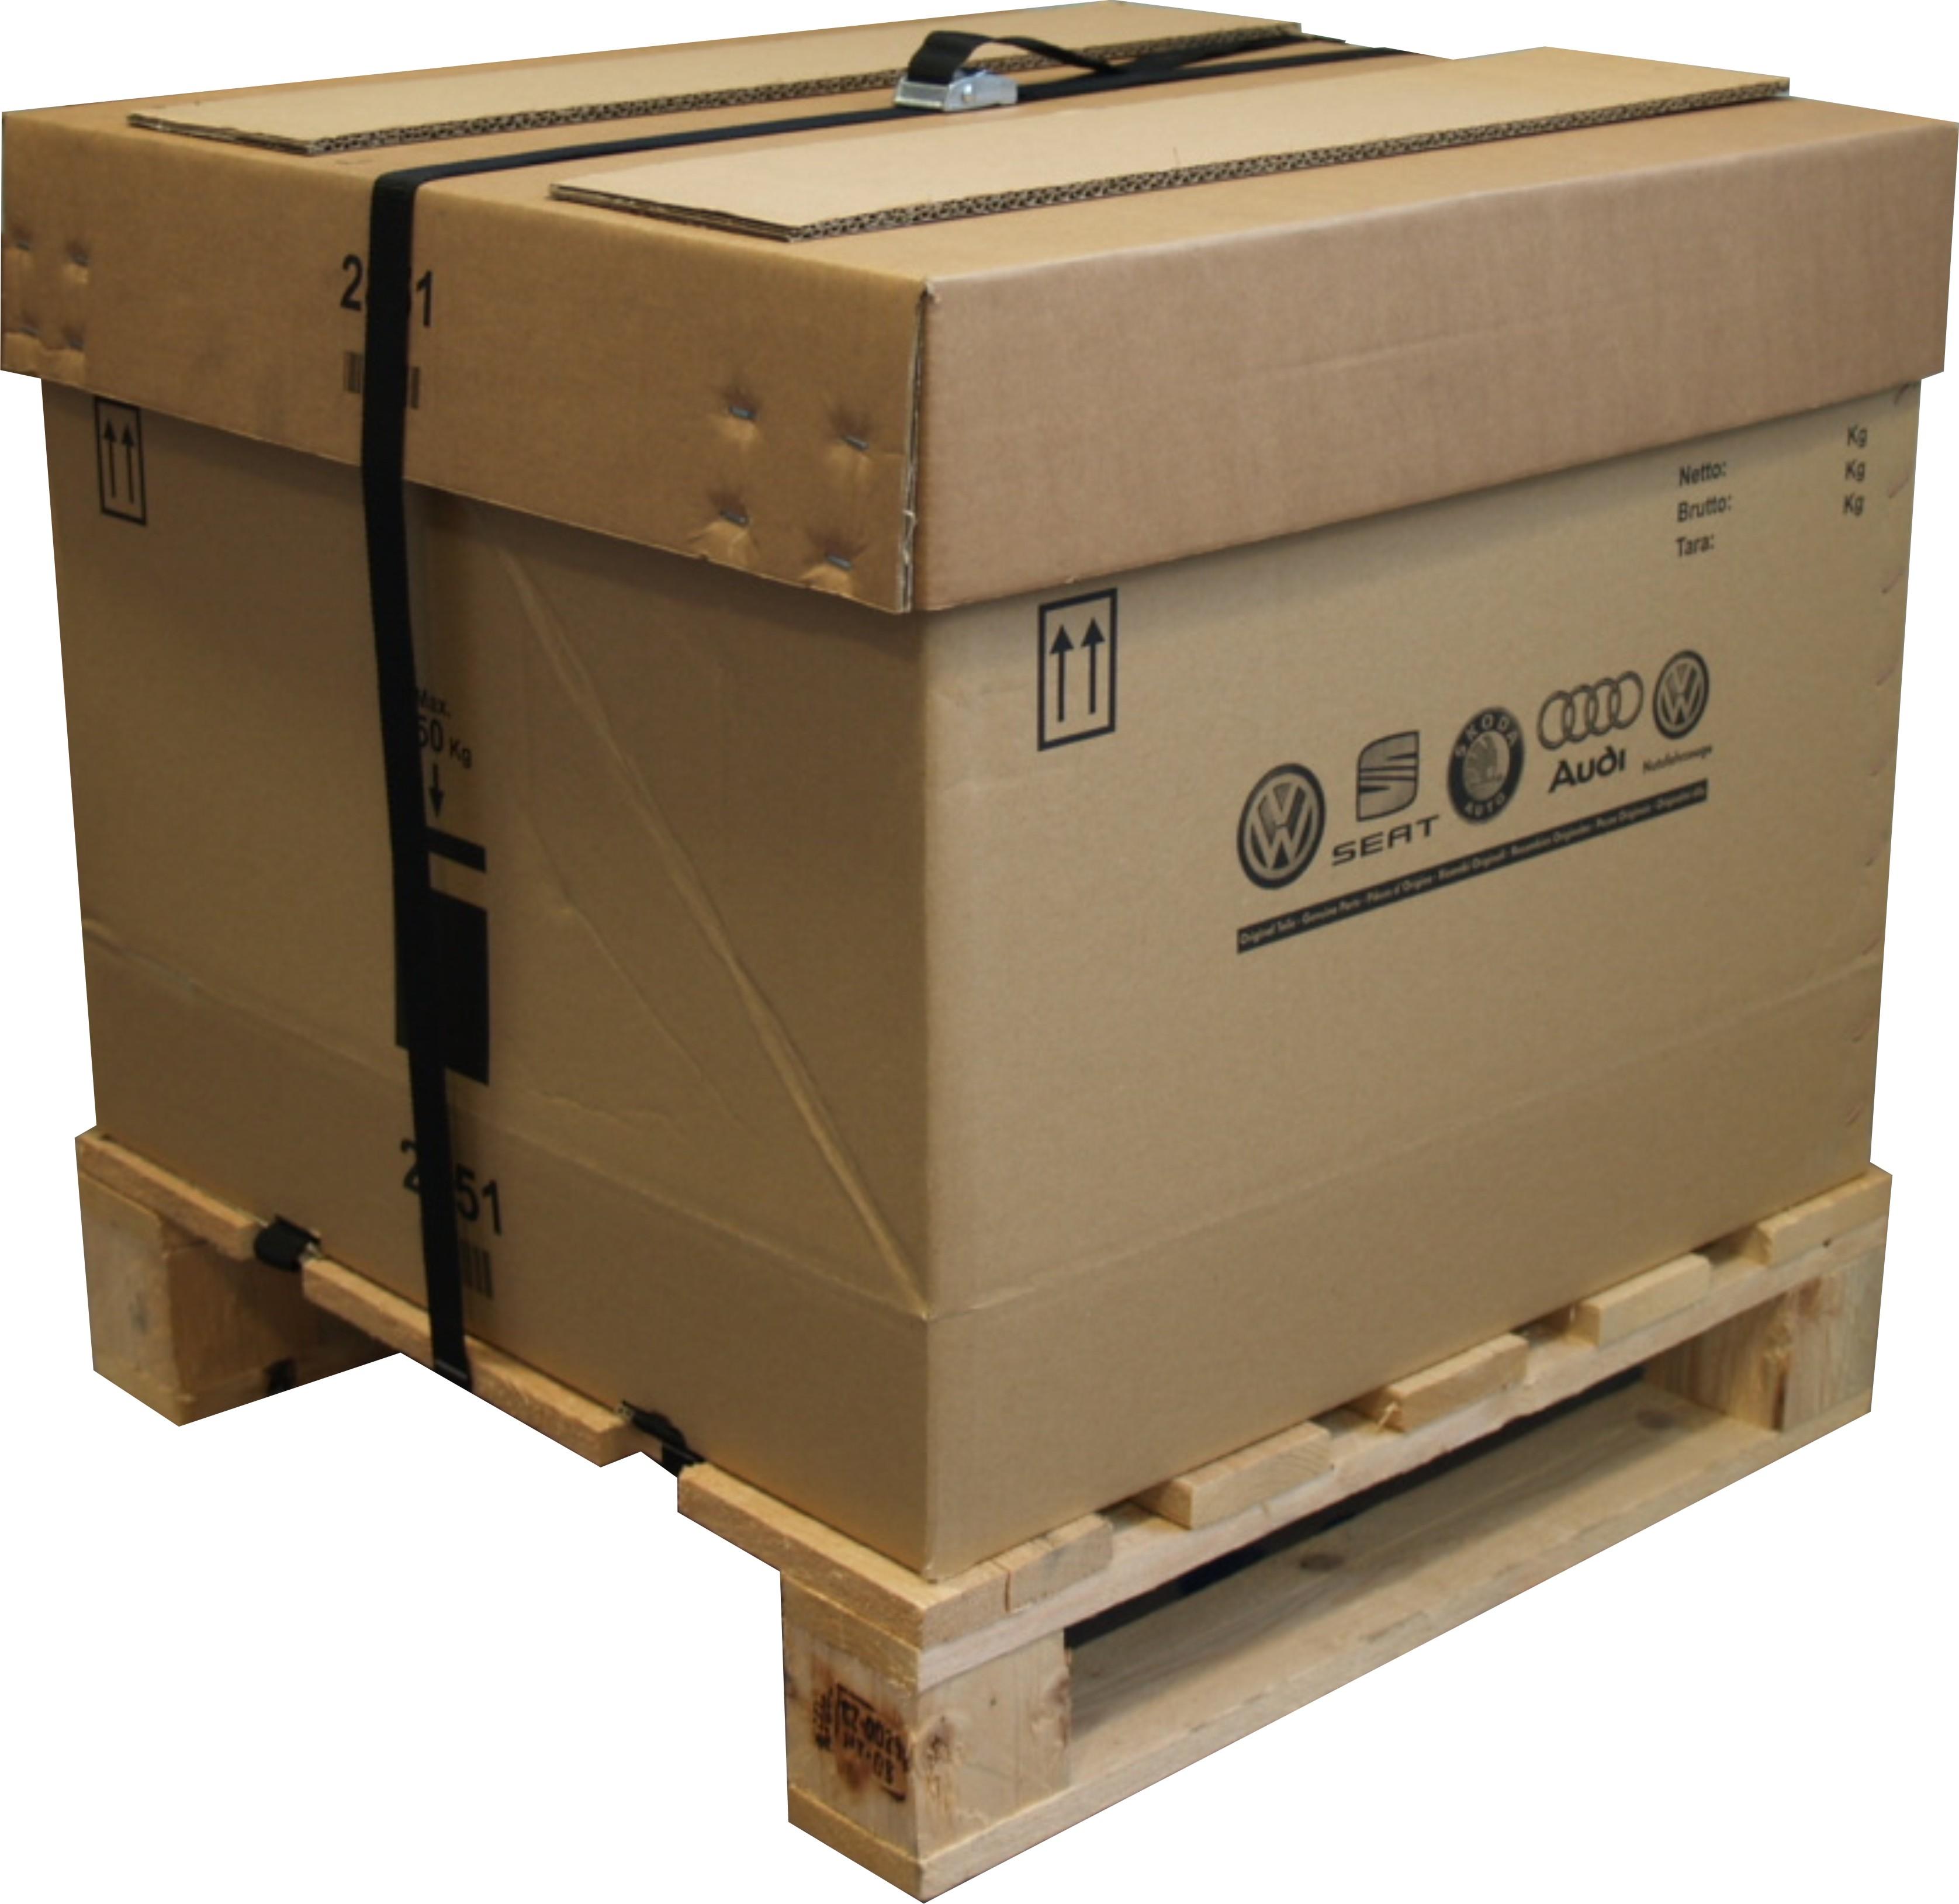 Kombinované obaly vaše výrobky spolehlivě ochrání (Pardubice)